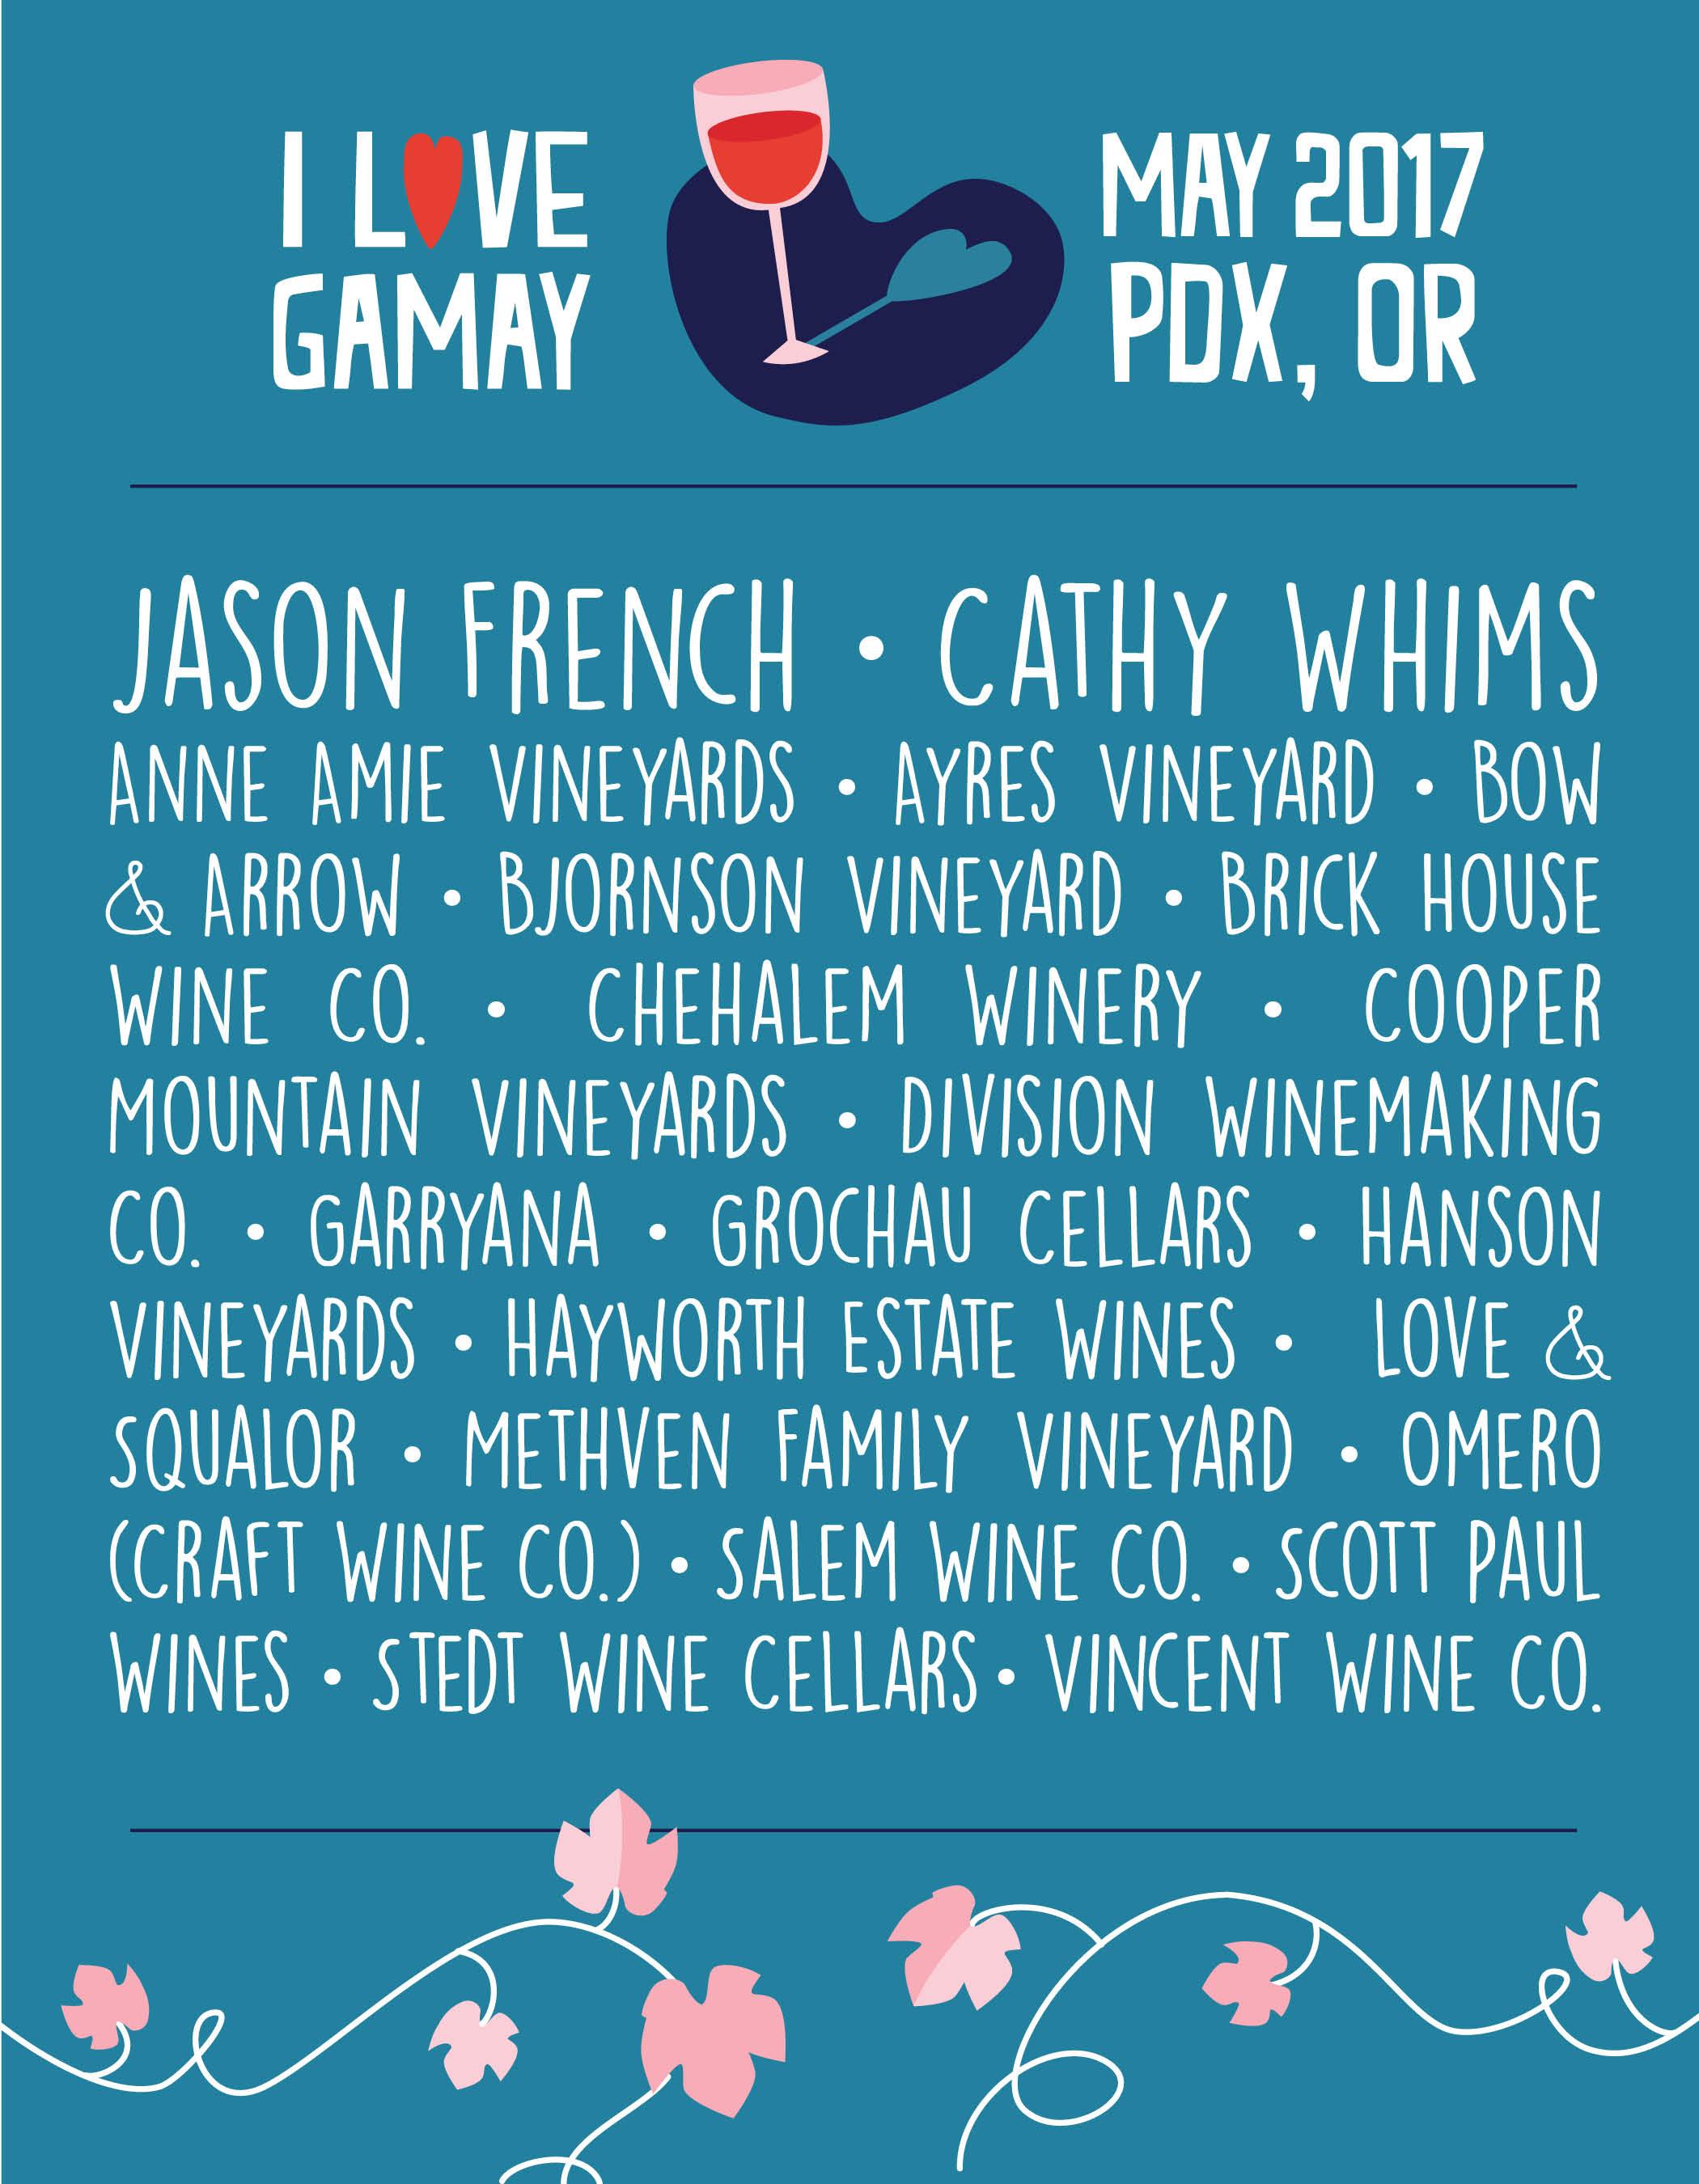 Festival Poster Graphic.jpg